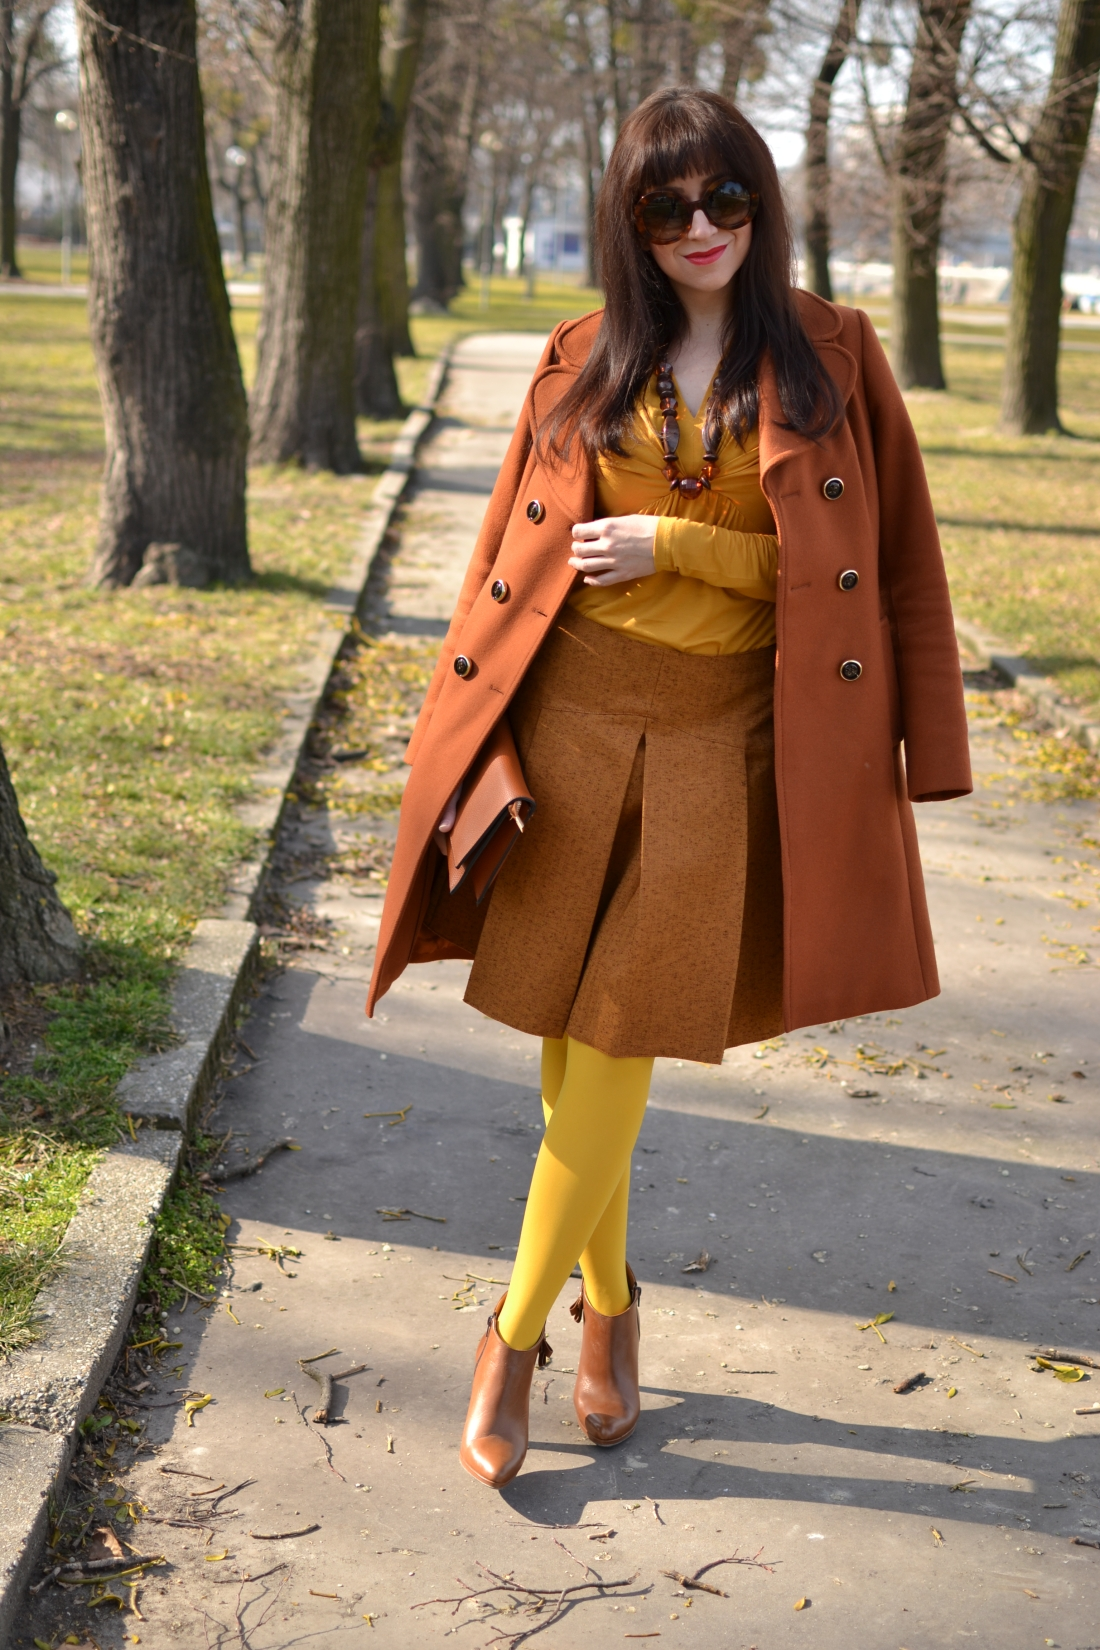 Založené 2014_Katharine-fashion is beautiful_blog 11_Dunajský pivovar_Žlté pančuchy_Hnedý kabát_Koňaková skladaná sukňa_Katarína Jakubčová_Fashion blogger_Outfit